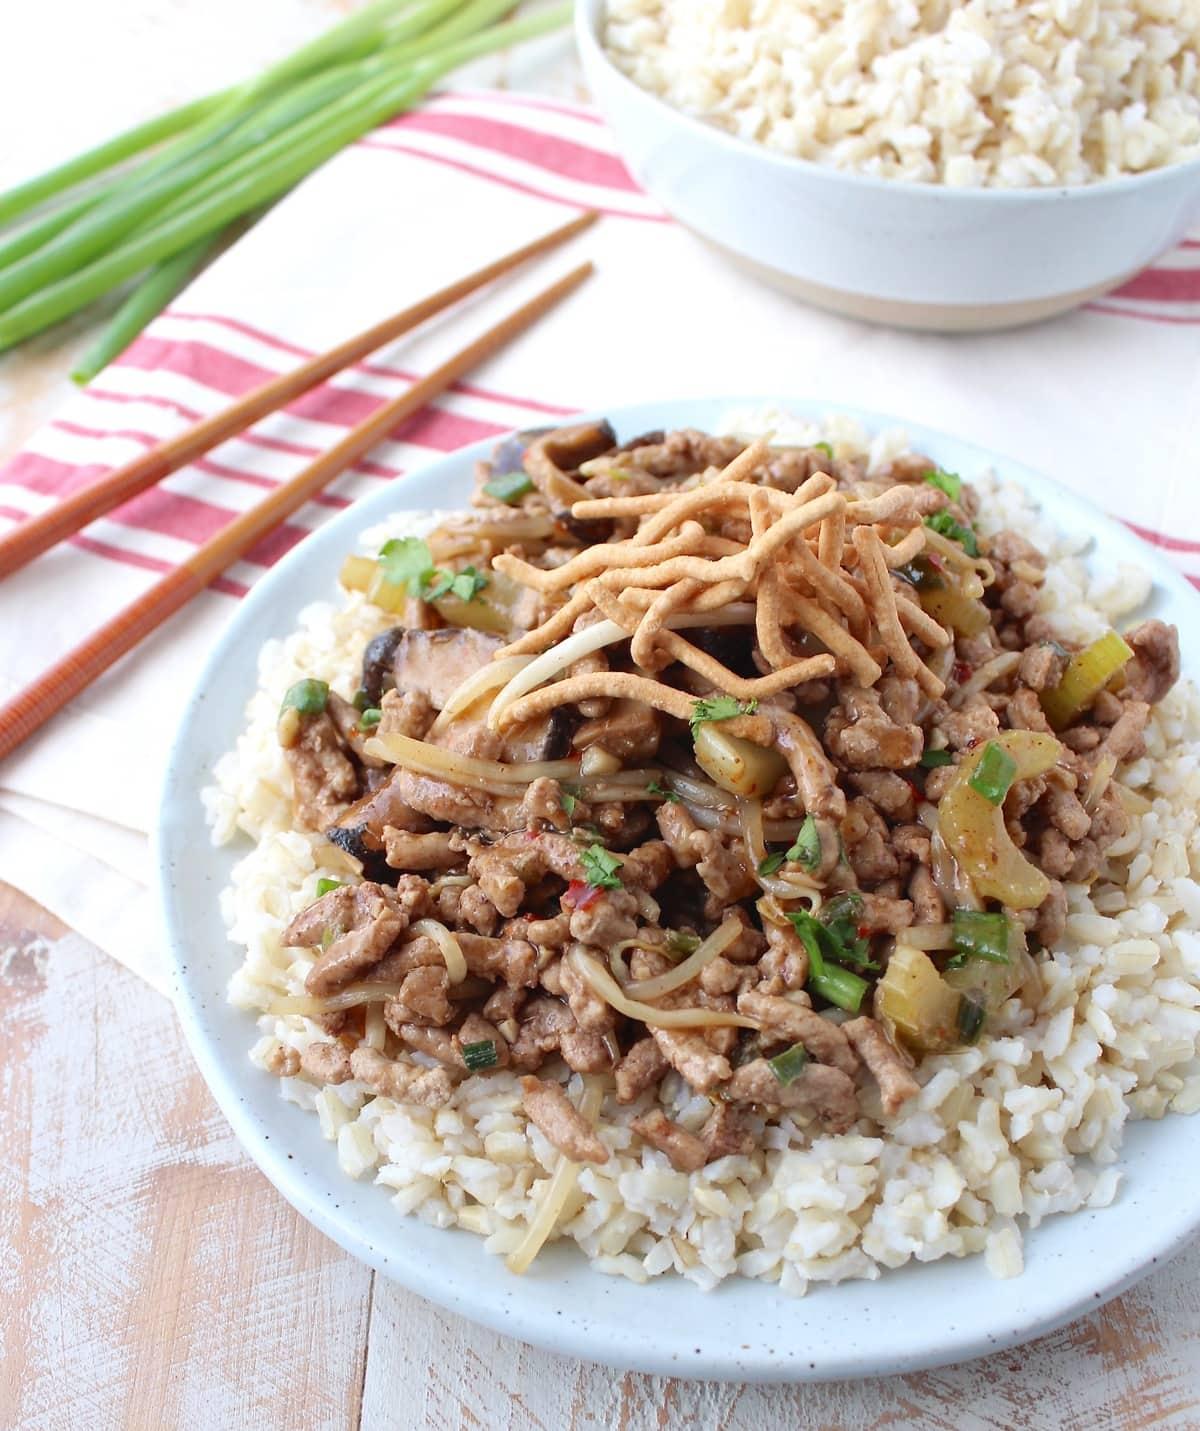 Recipes for pork chop suey